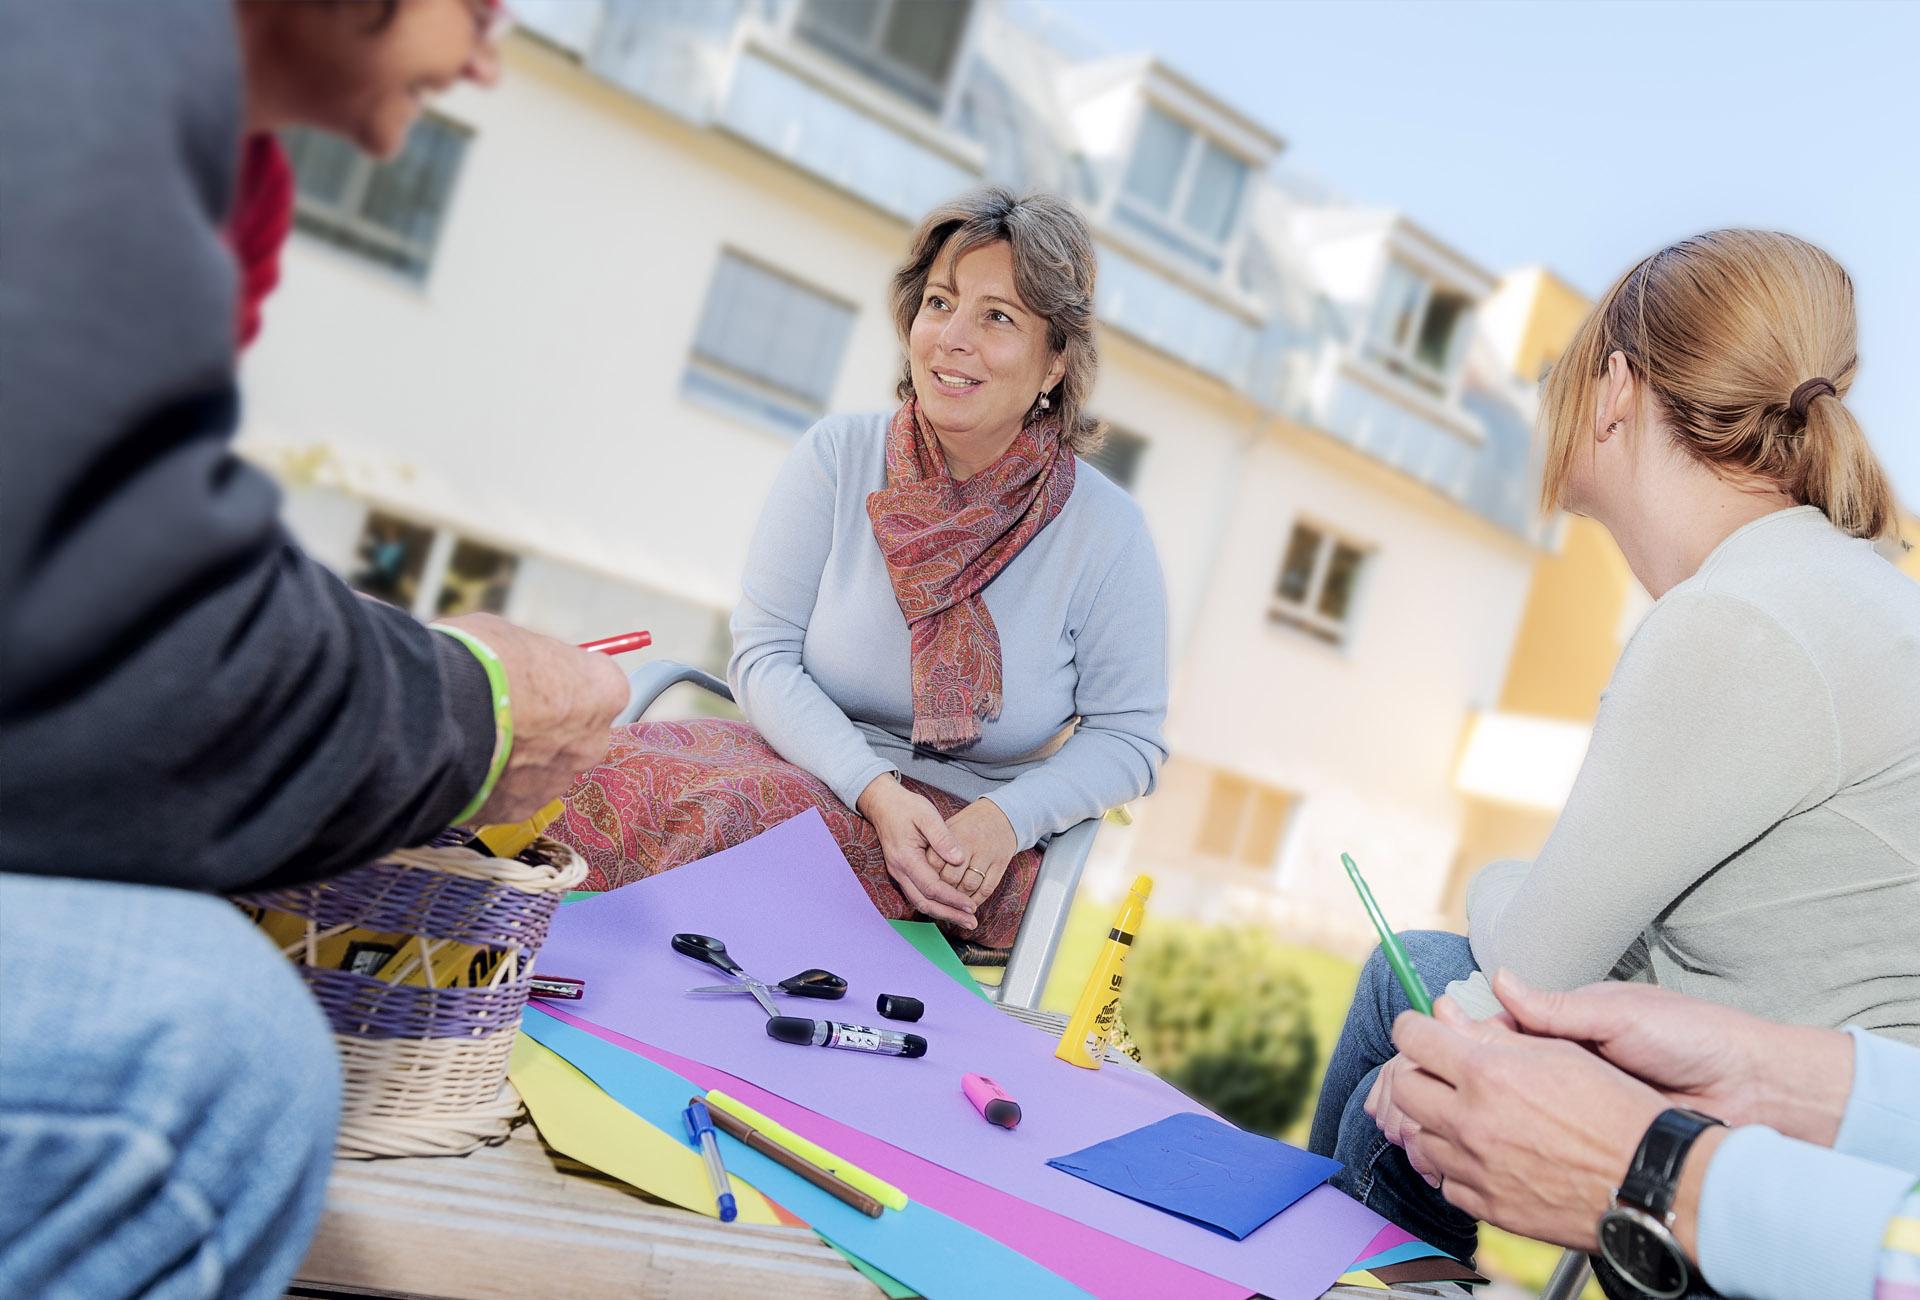 Gruppenpsychotherapie im Freien - © Reinhard Podolsky/mediadesign